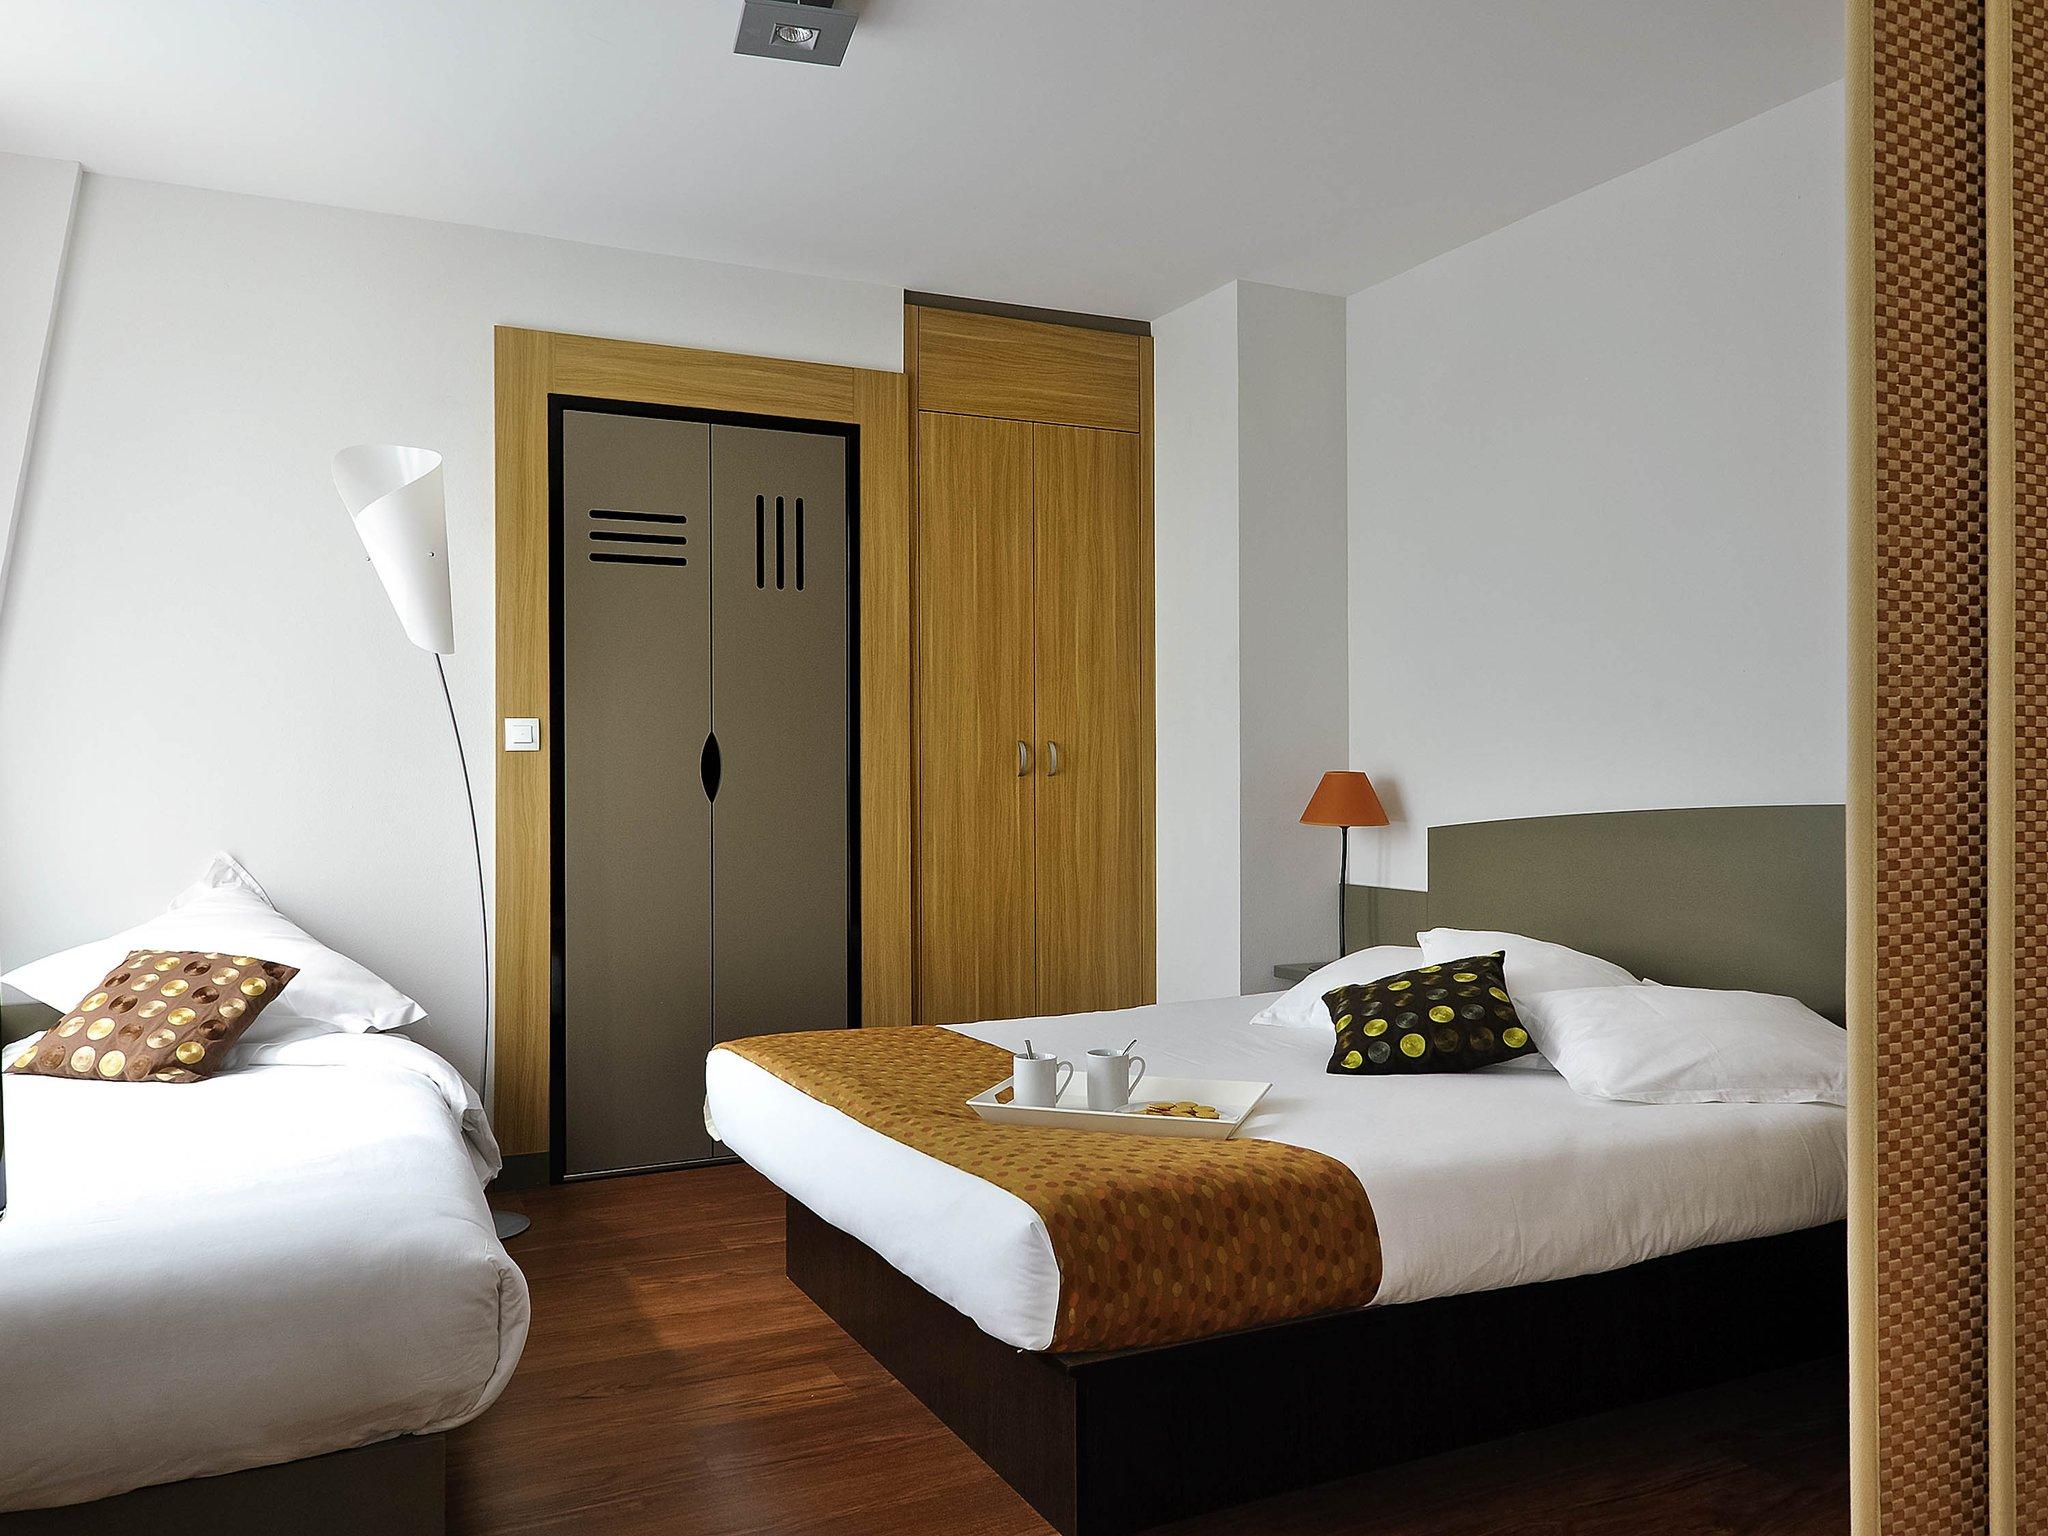 Ofertas de viajes a nantes desde 147 for Aparthotel nantes